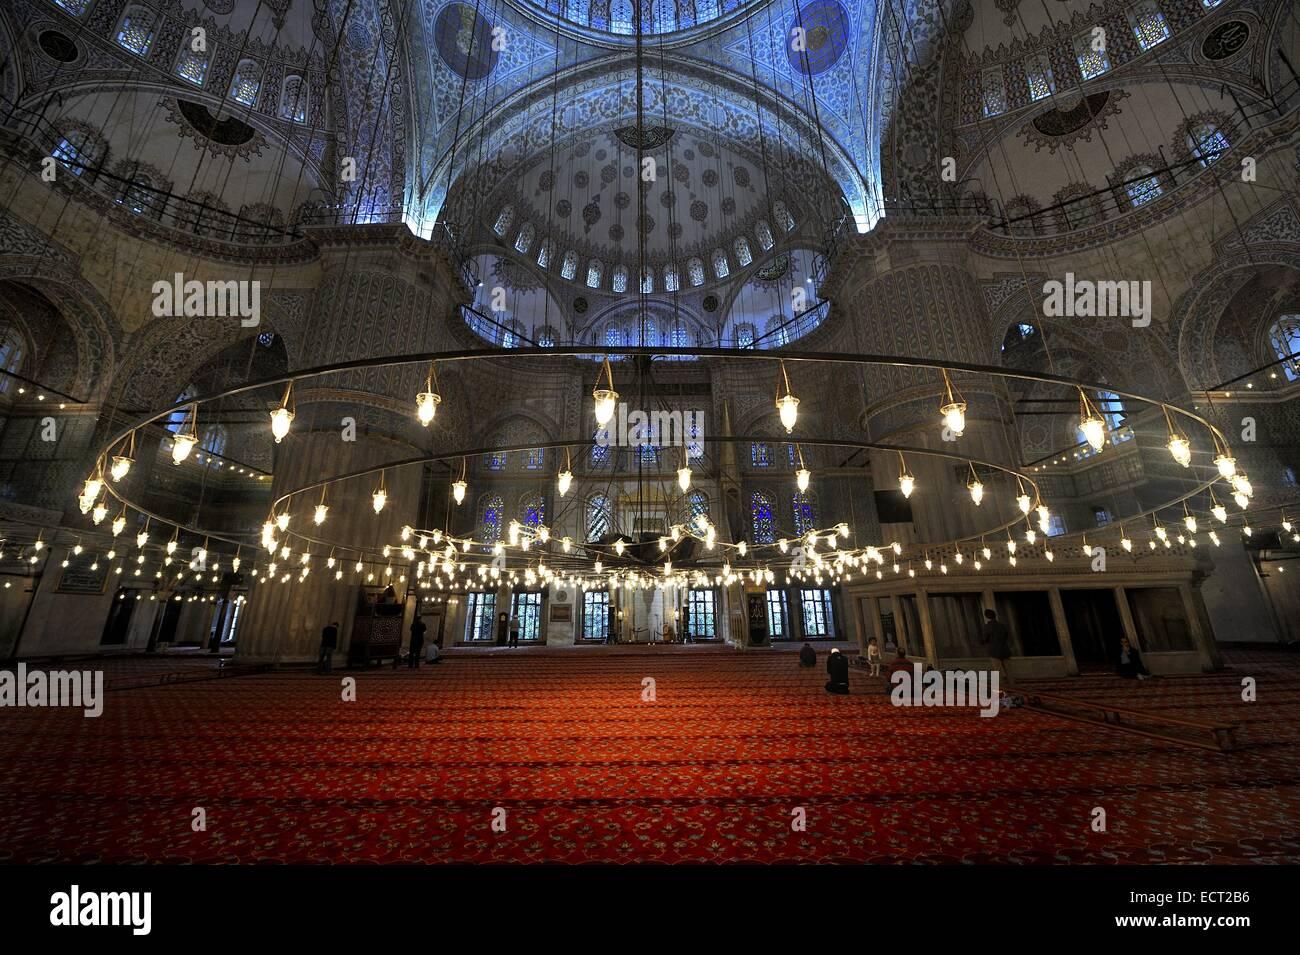 Gebetsraum mit rotem Teppich, Sultan Ahmed Mosque, Sultanahmet, Istanbul, Türkei Stockbild